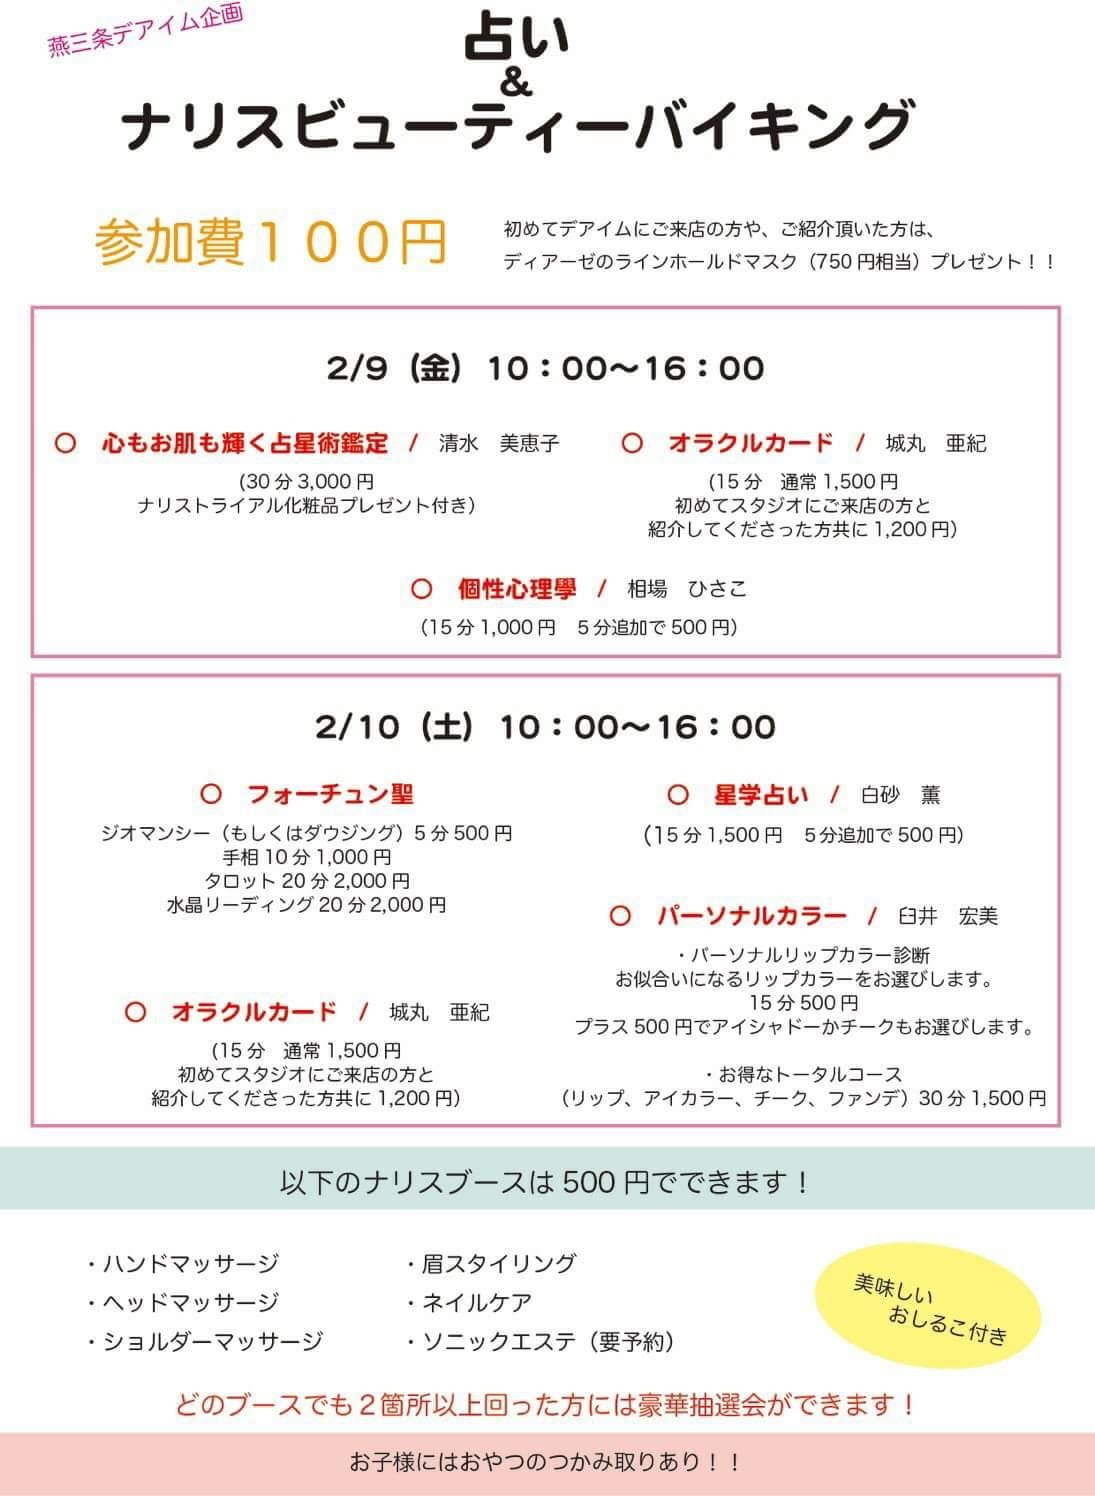 ナリス化粧品燕三条店イベント